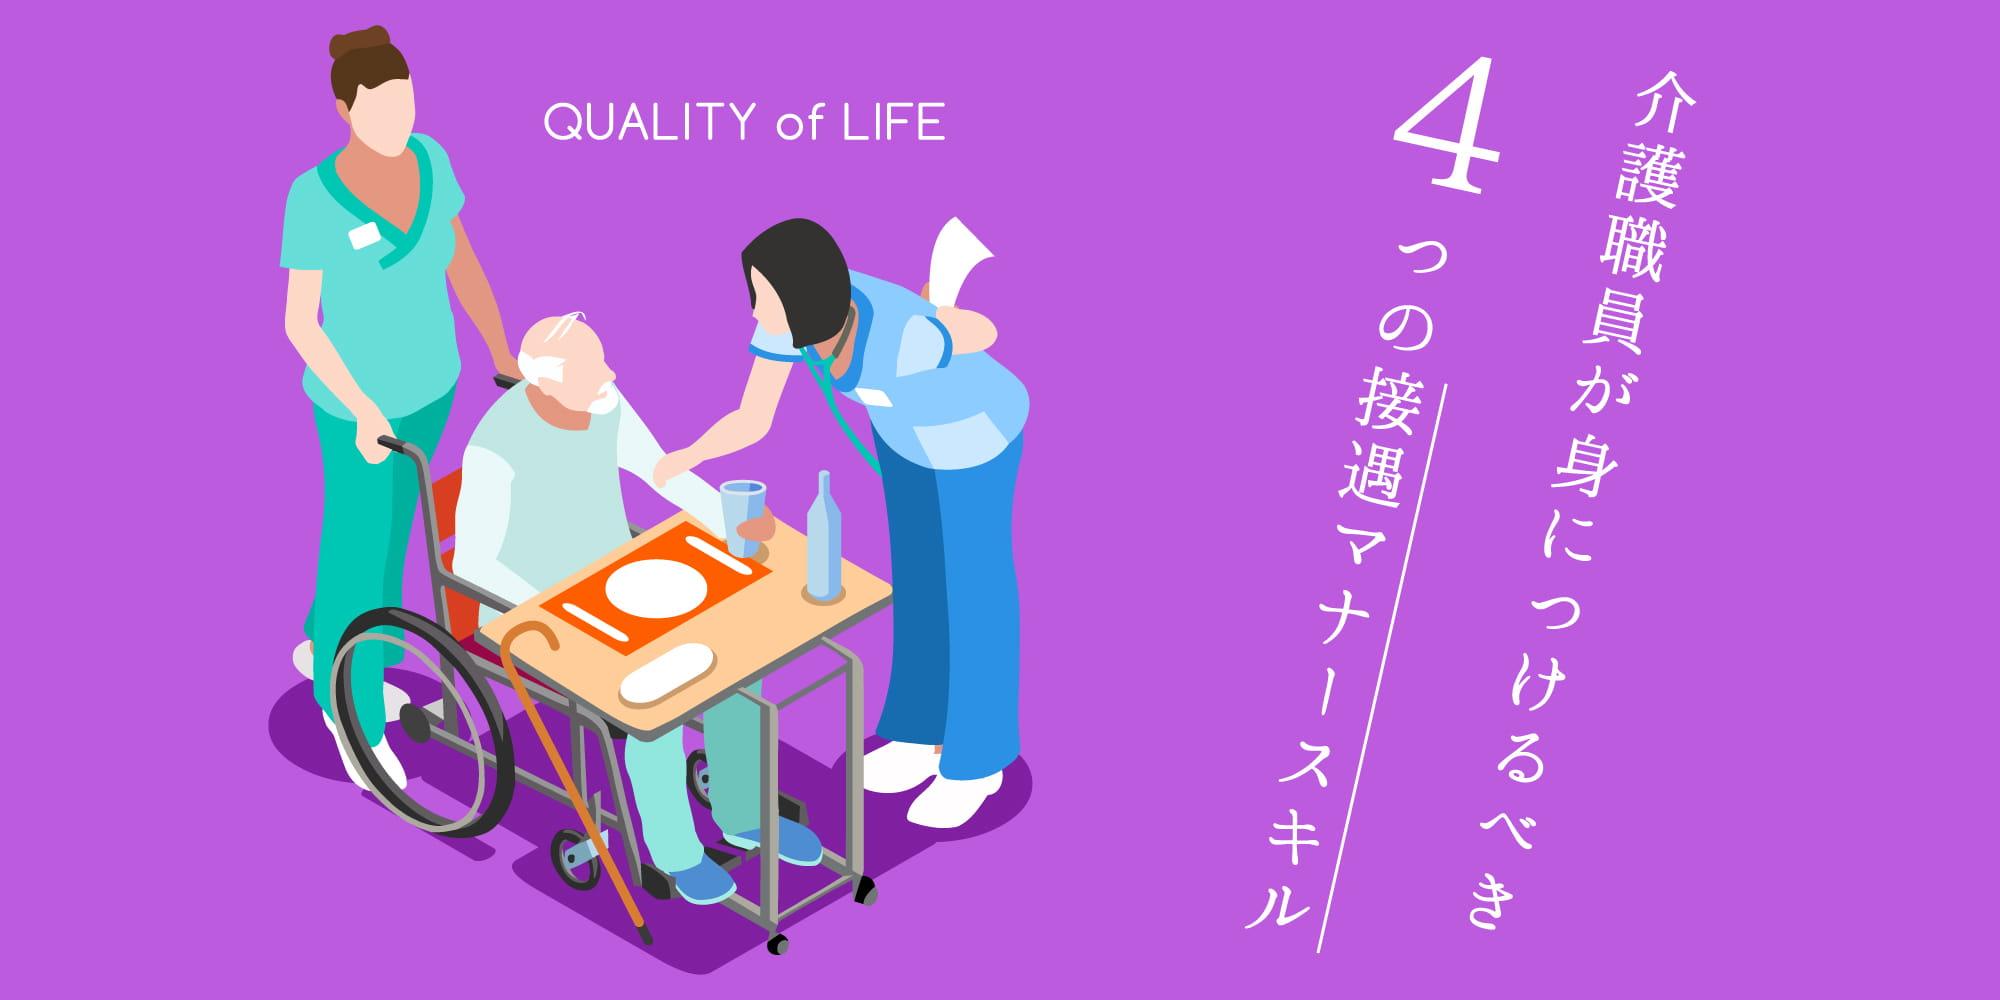 介護職員が身につけるべき4つの接遇マナースキル